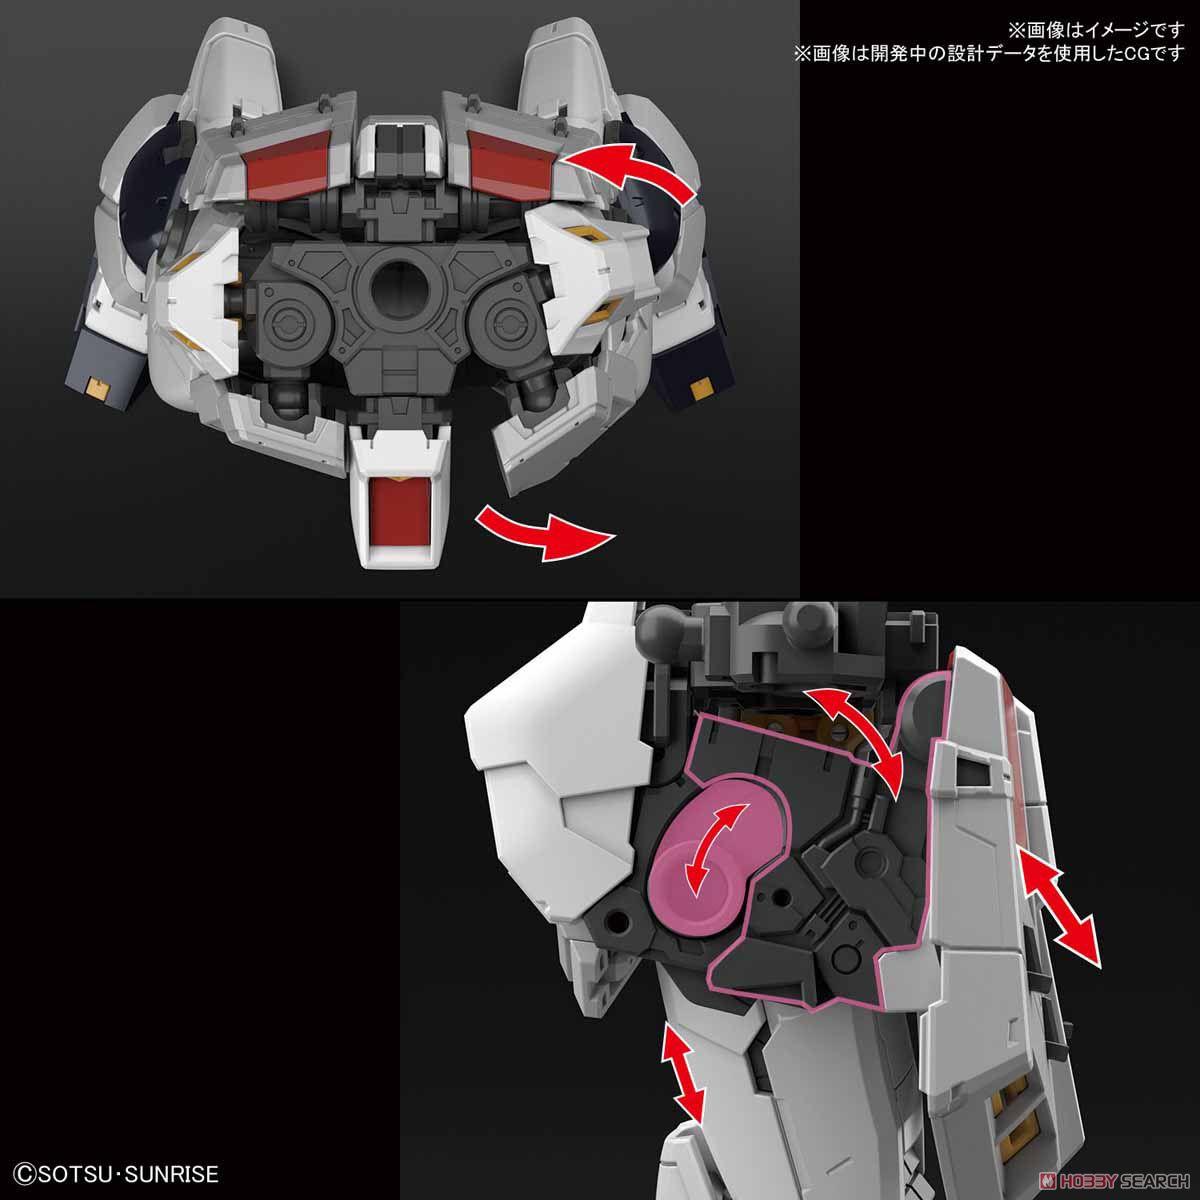 【再販】RG 1/144『νガンダム』逆襲のシャア プラモデル-007